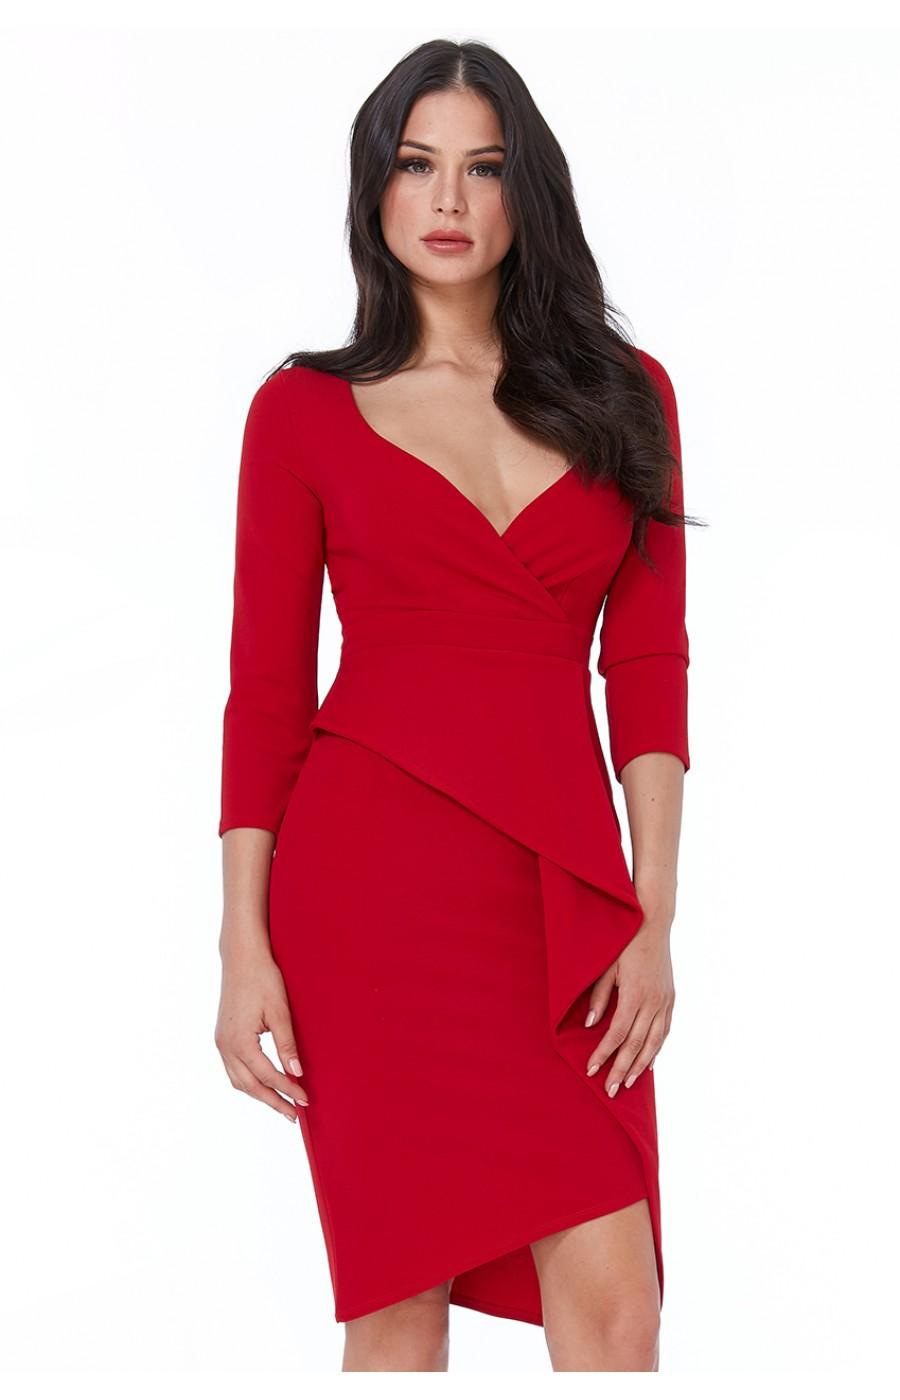 Κόκκινο κρεπ μίντι φόρεμα με μανίκι τριών τετάρτων